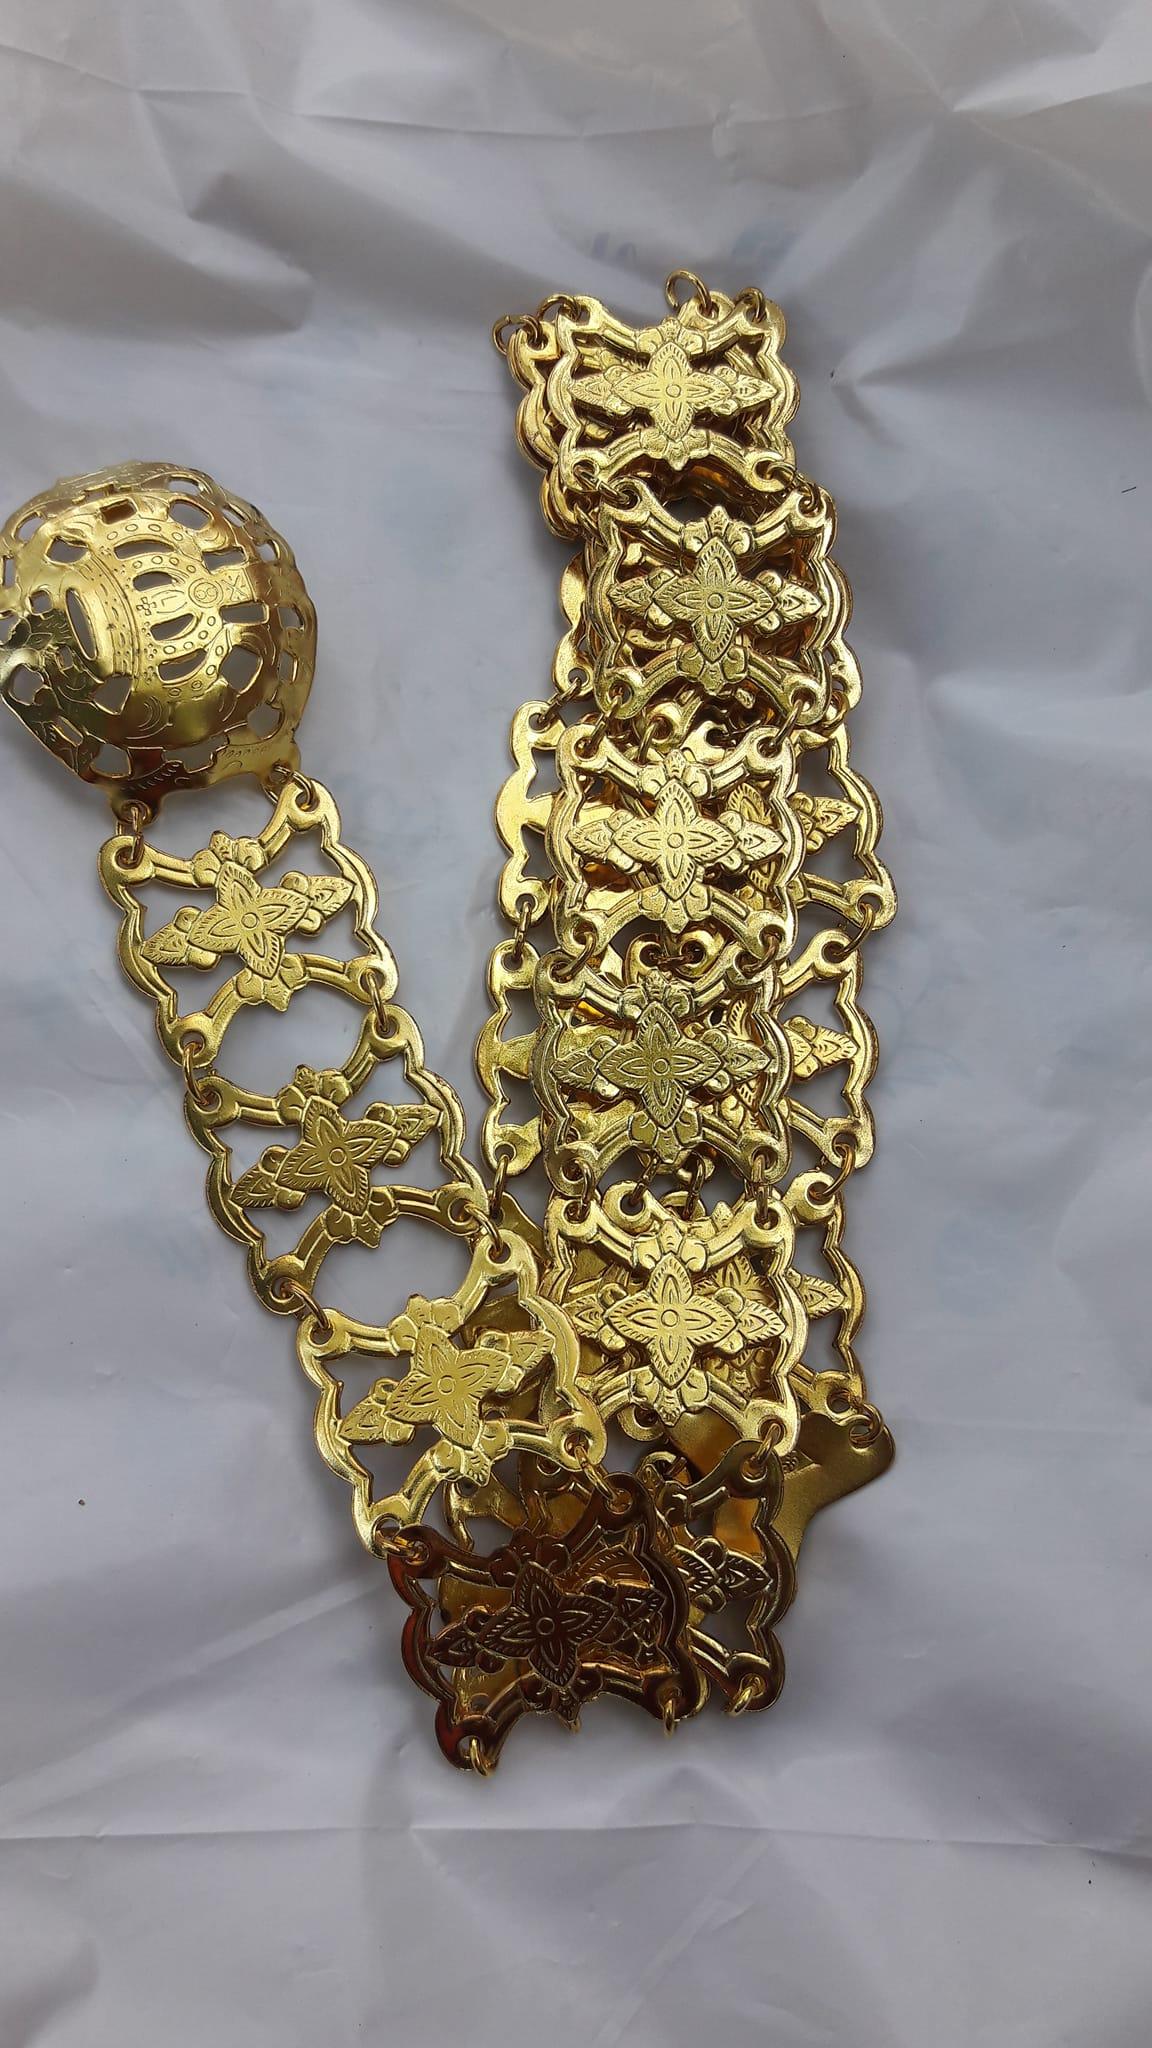 acc_117 เข็มขัดโลหะสีทองลายโบราณ ยาว 45 นิ้ว ราคา 230 บาท